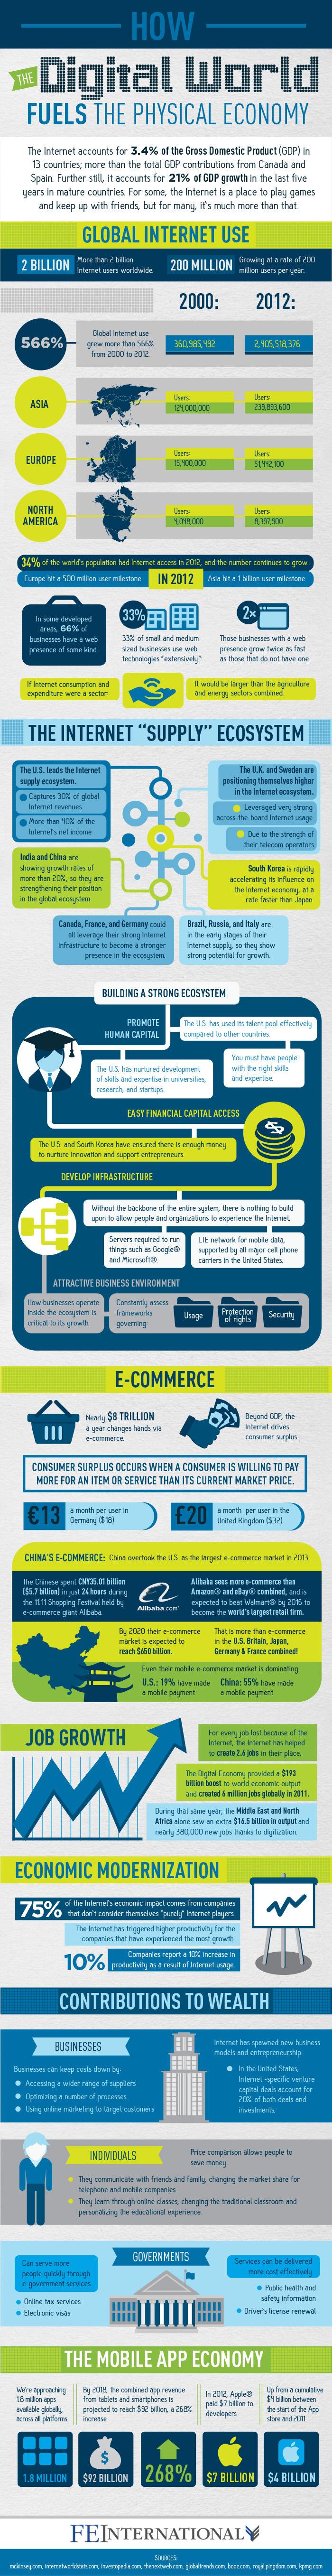 internet economic impact infographic